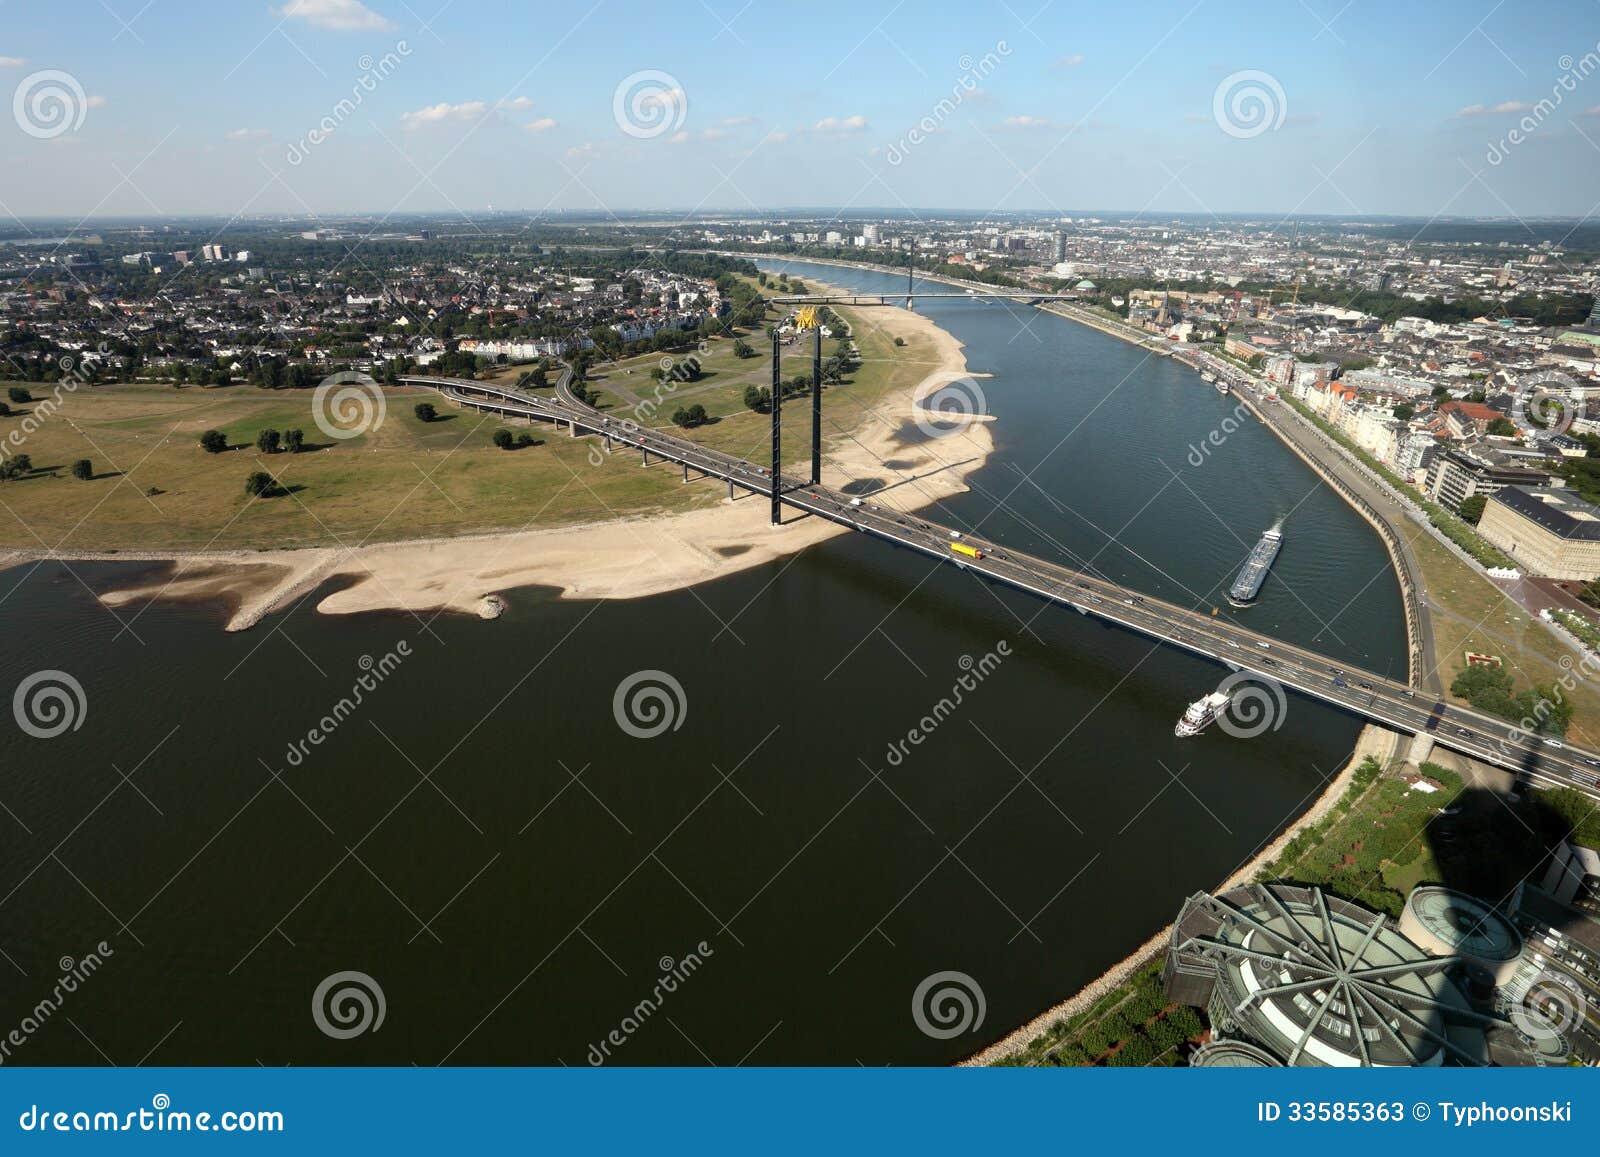 Rhine river in Dusseldorf, Germany